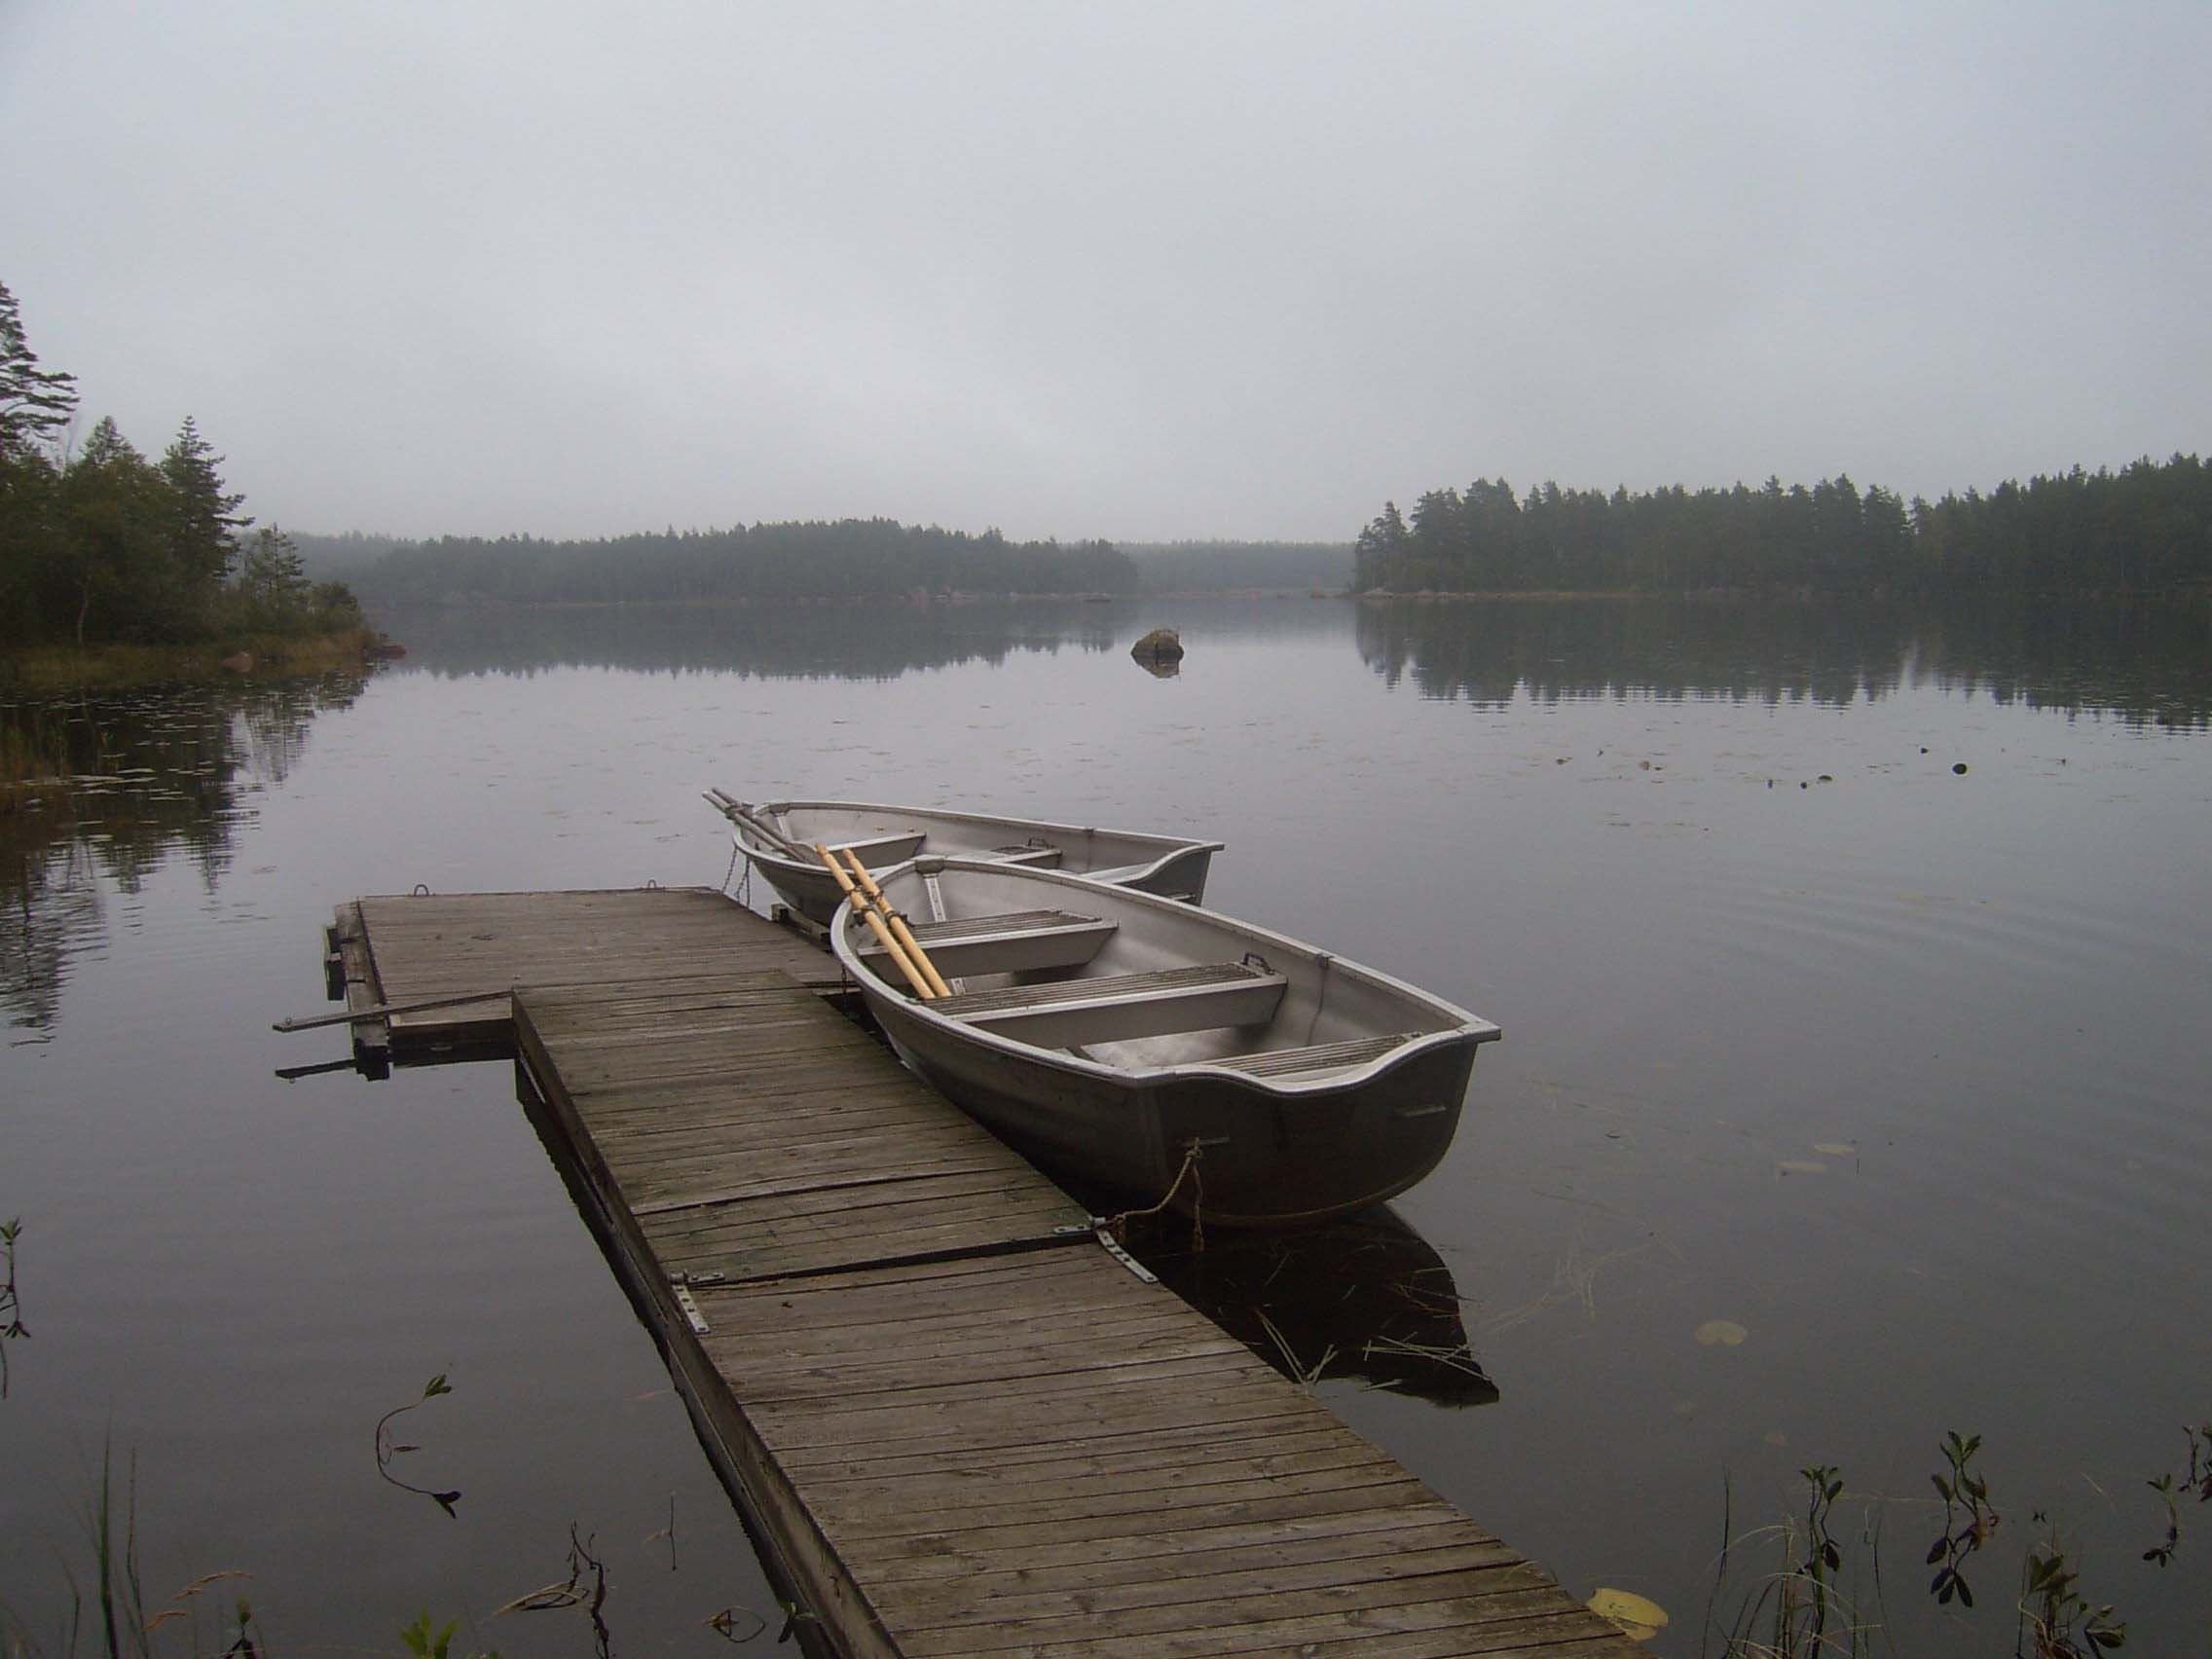 C-J Månsson, Stensjön, Stora Hammarsjöområdet